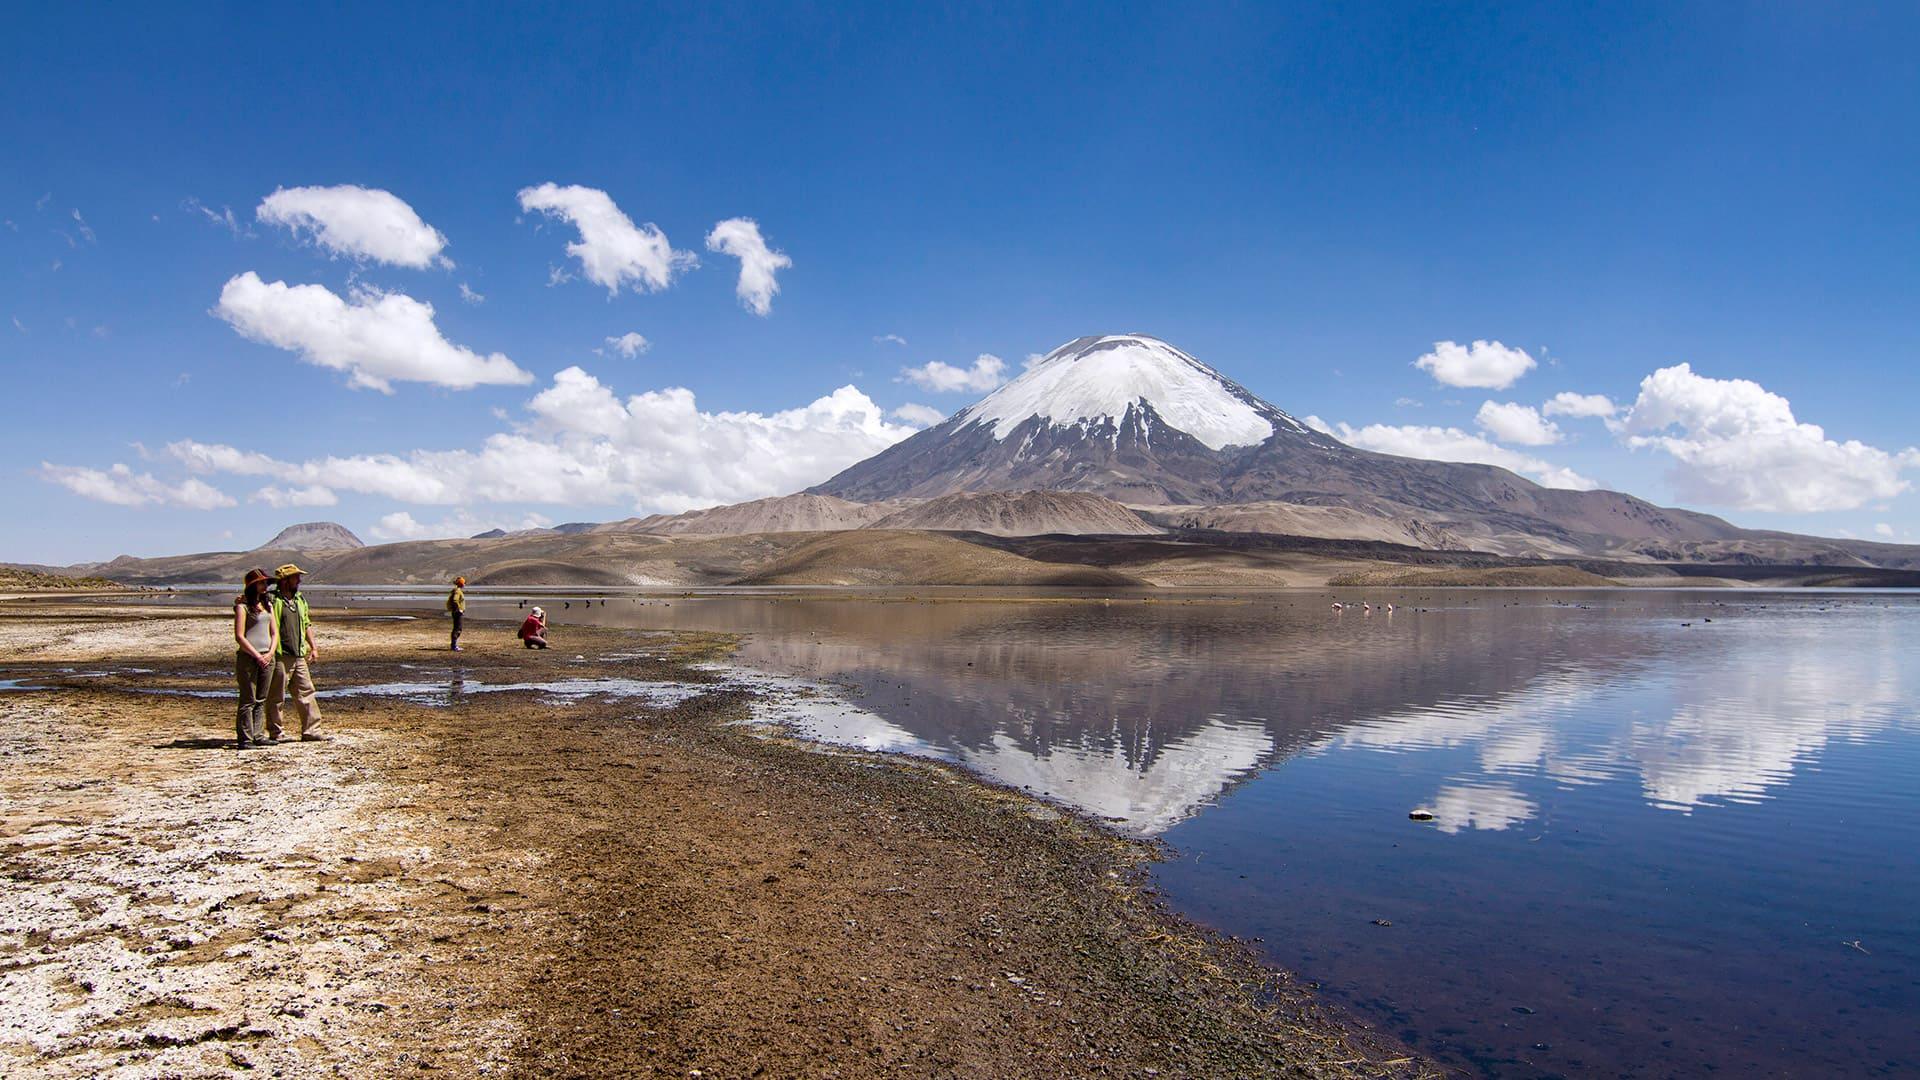 Lago Chungara nevado Parinacota parque nacional Lauca altiplano de Arica y Parinacota